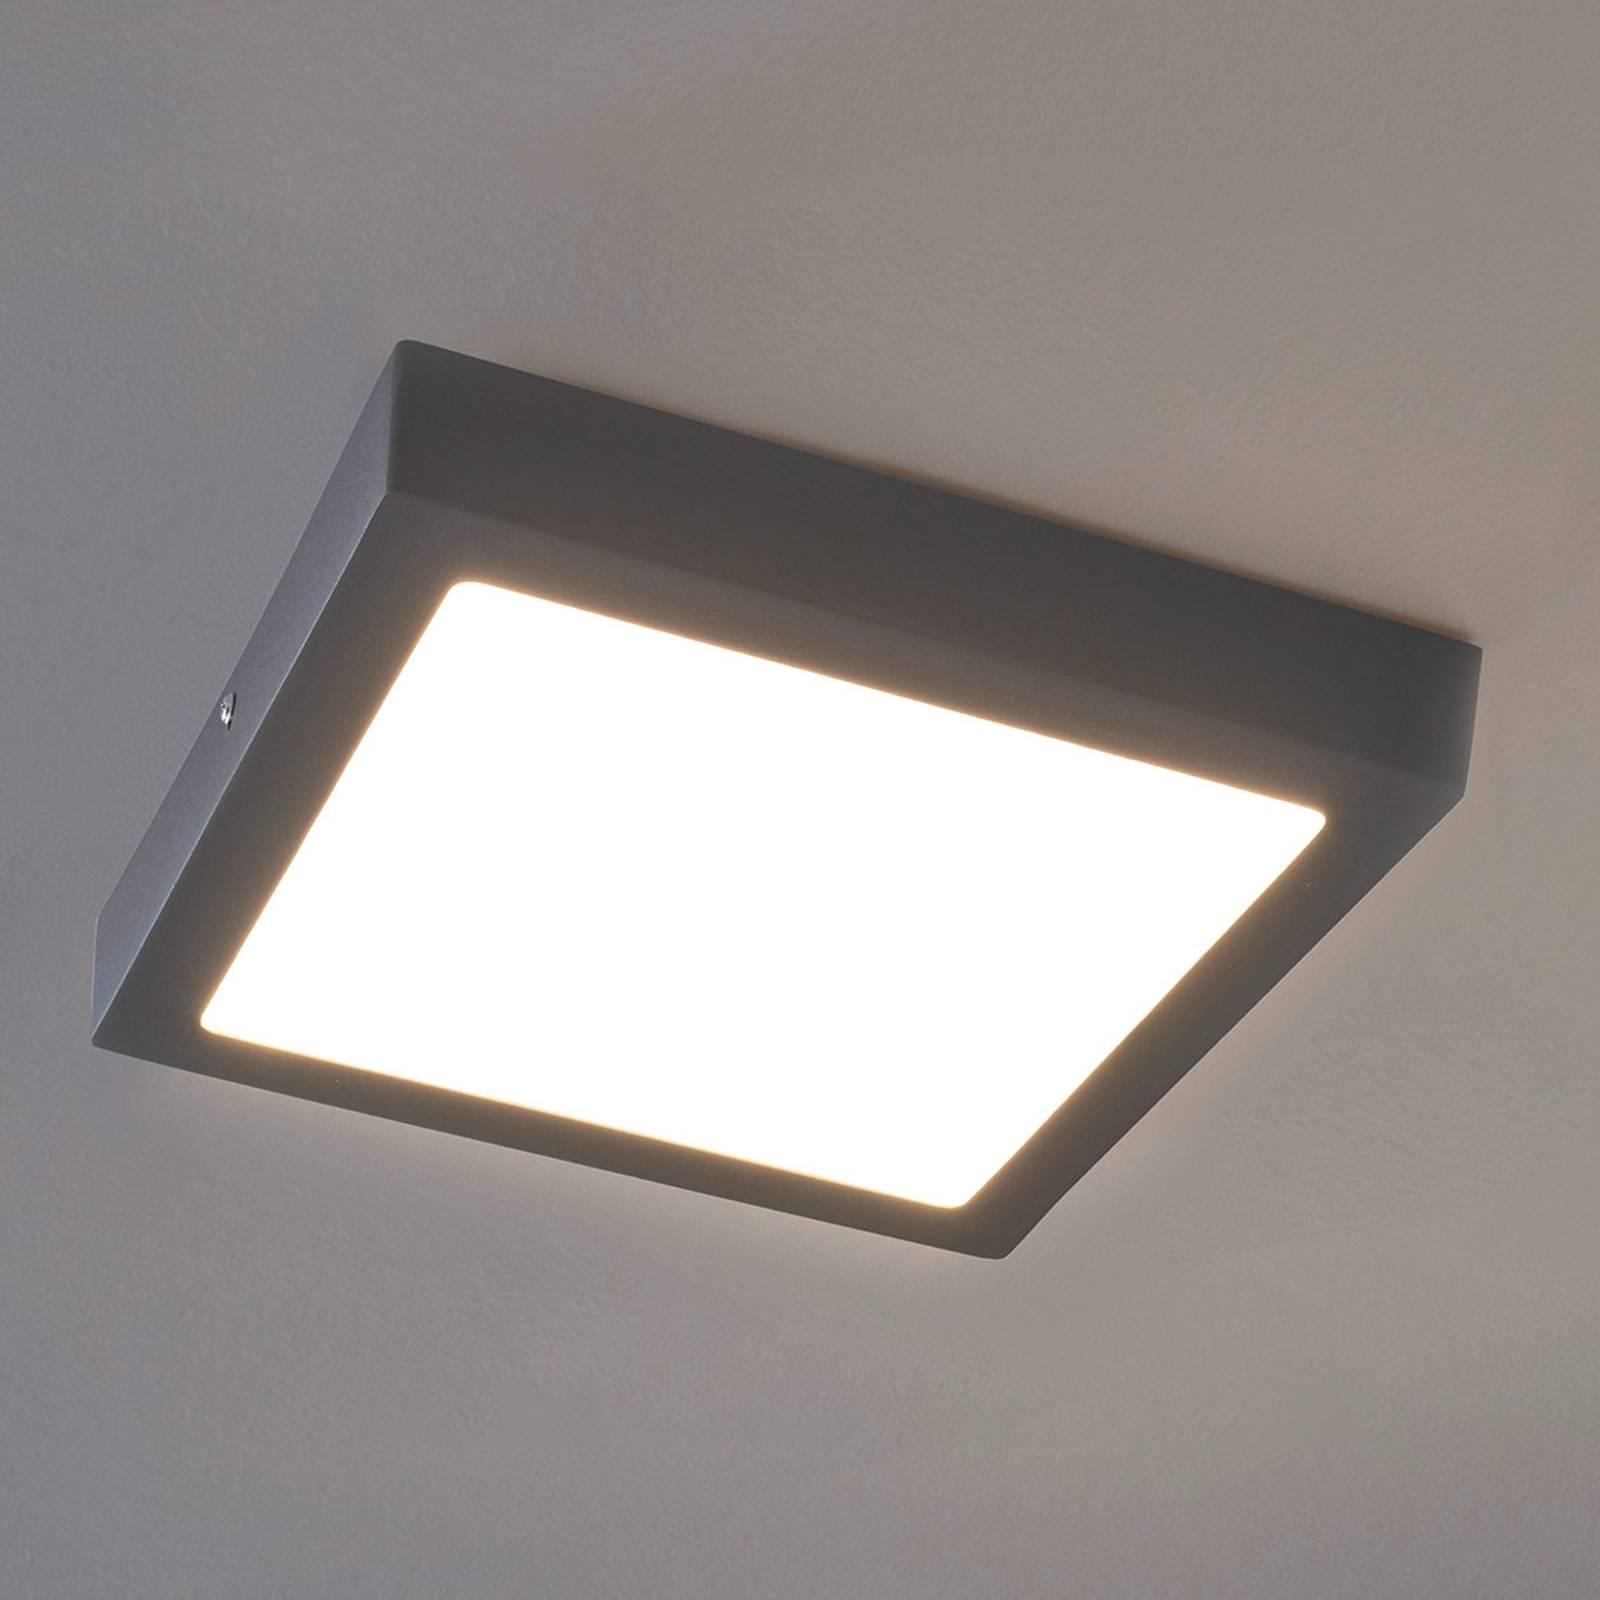 LED-kattovalaisin Argolis ulkokäyttöön